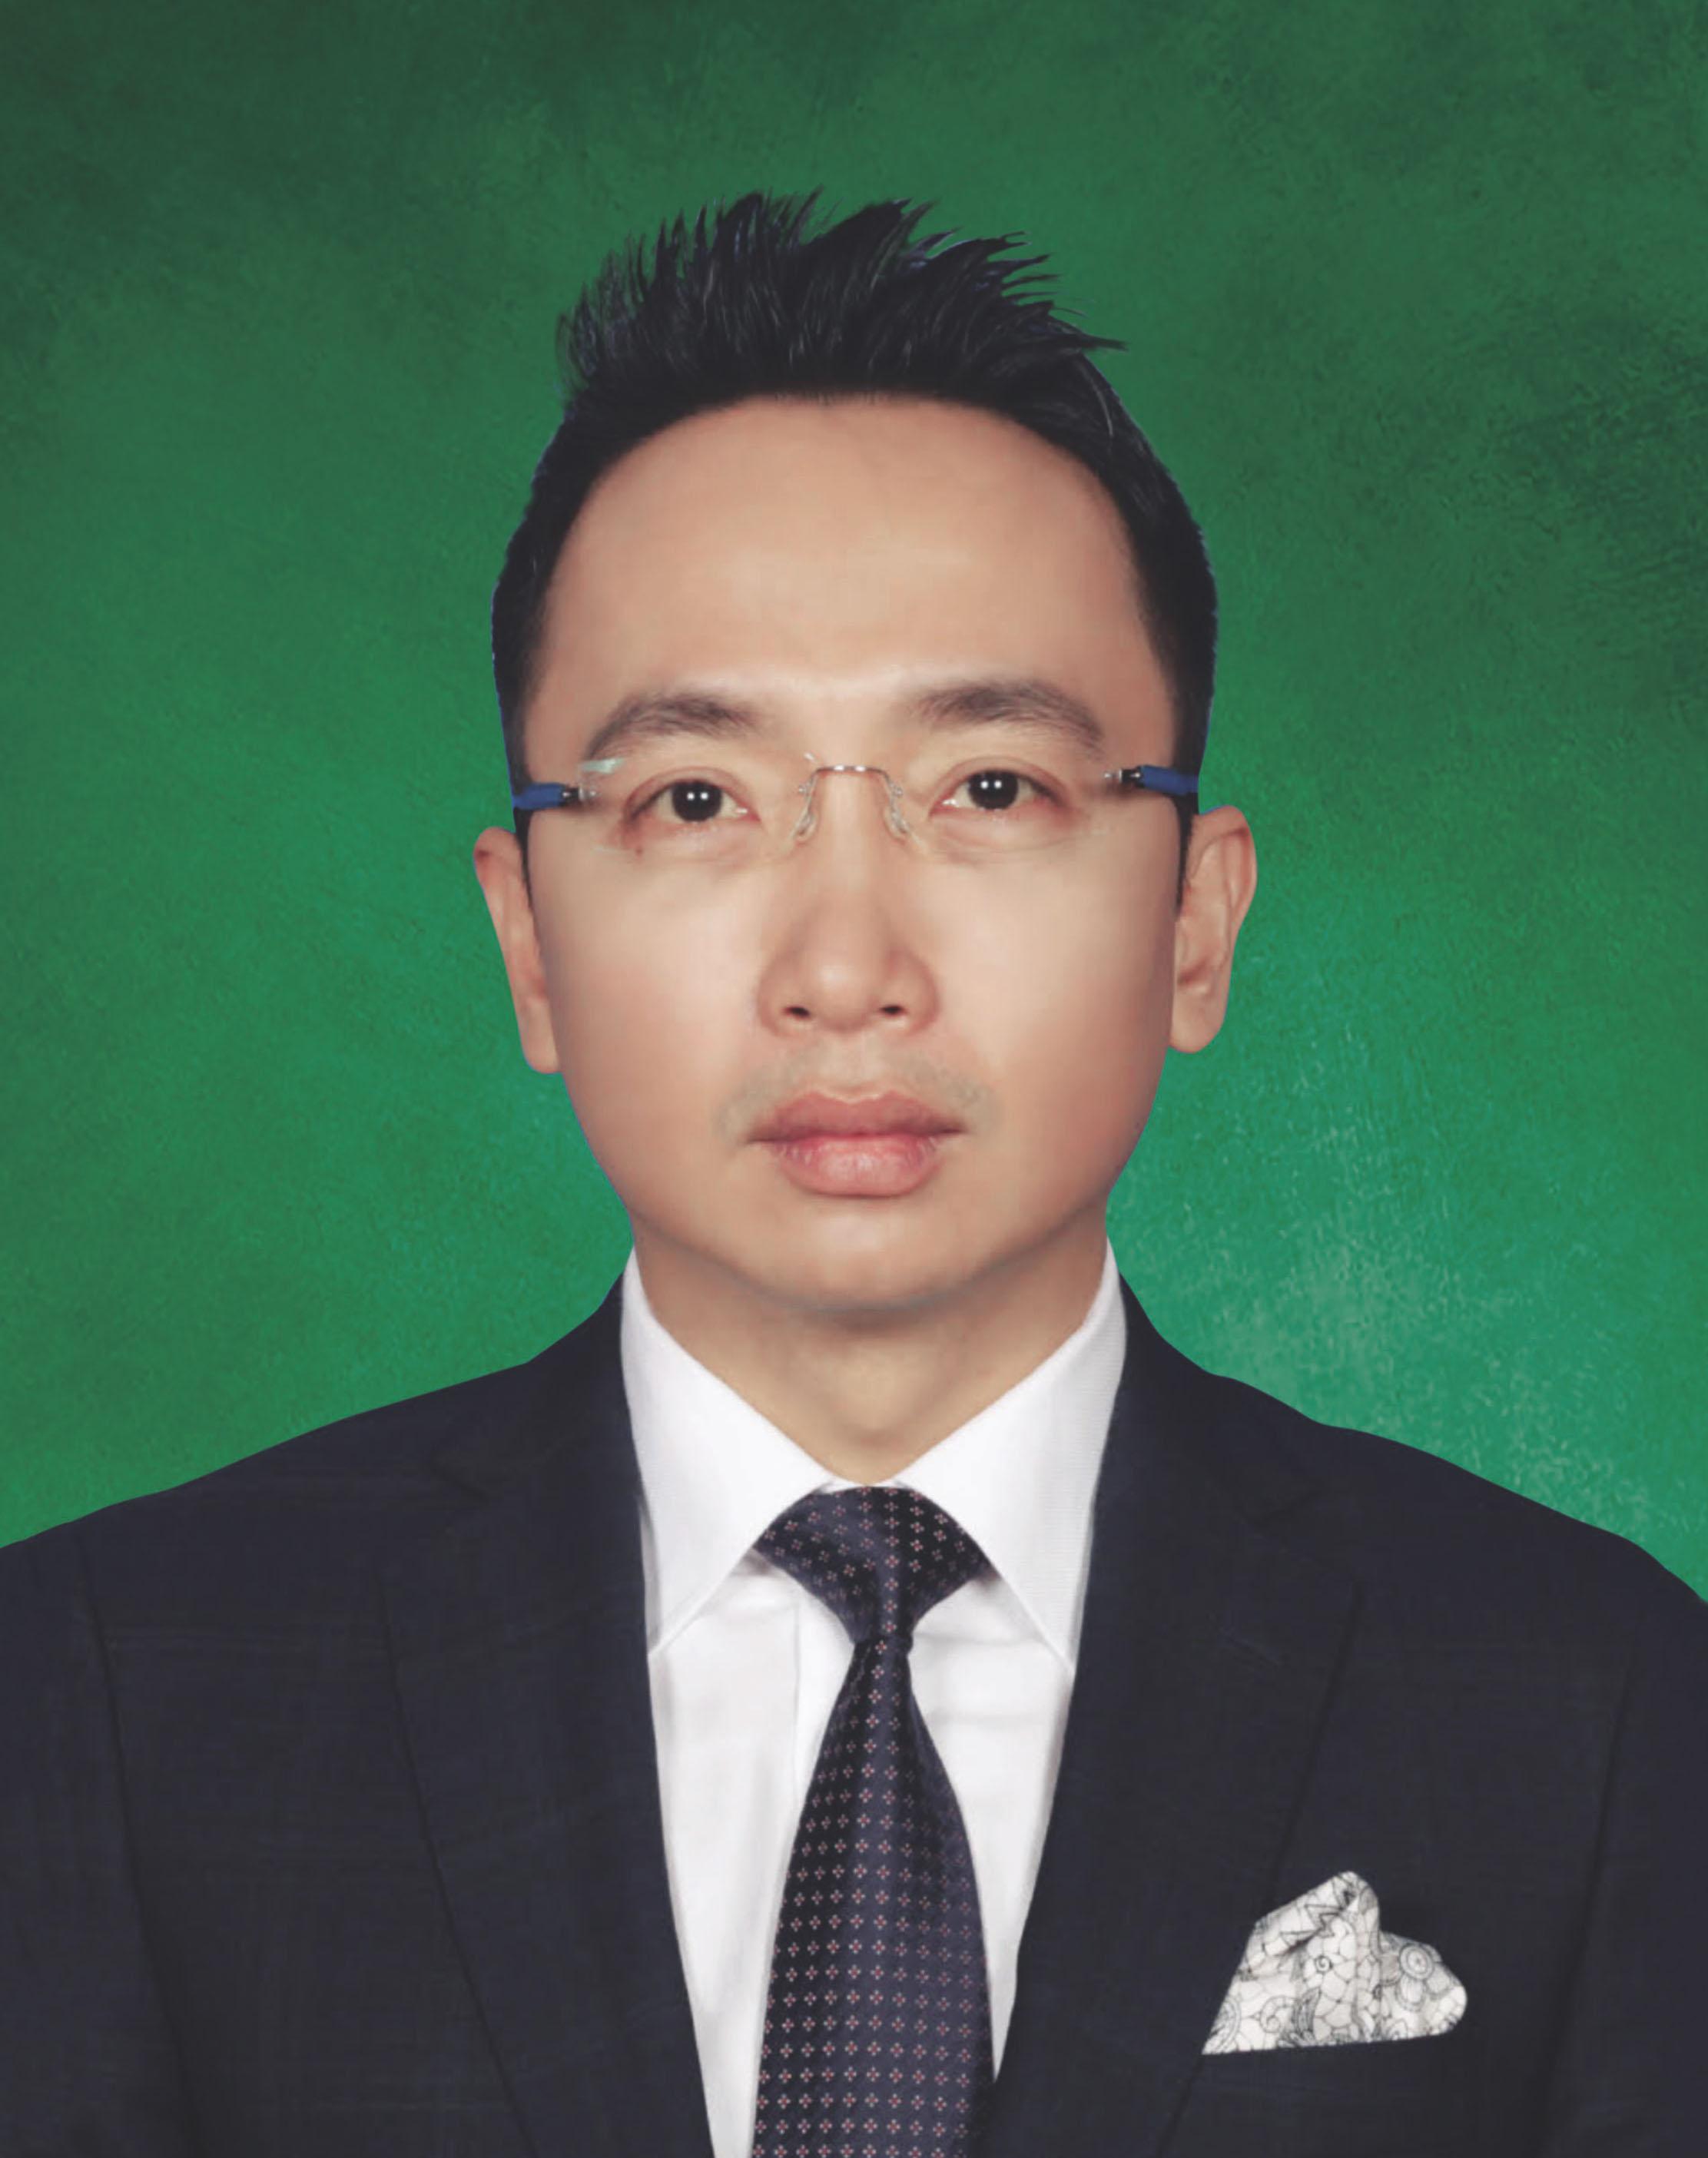 Dato' Sri Badrul Hisham Bin Abdul Aziz